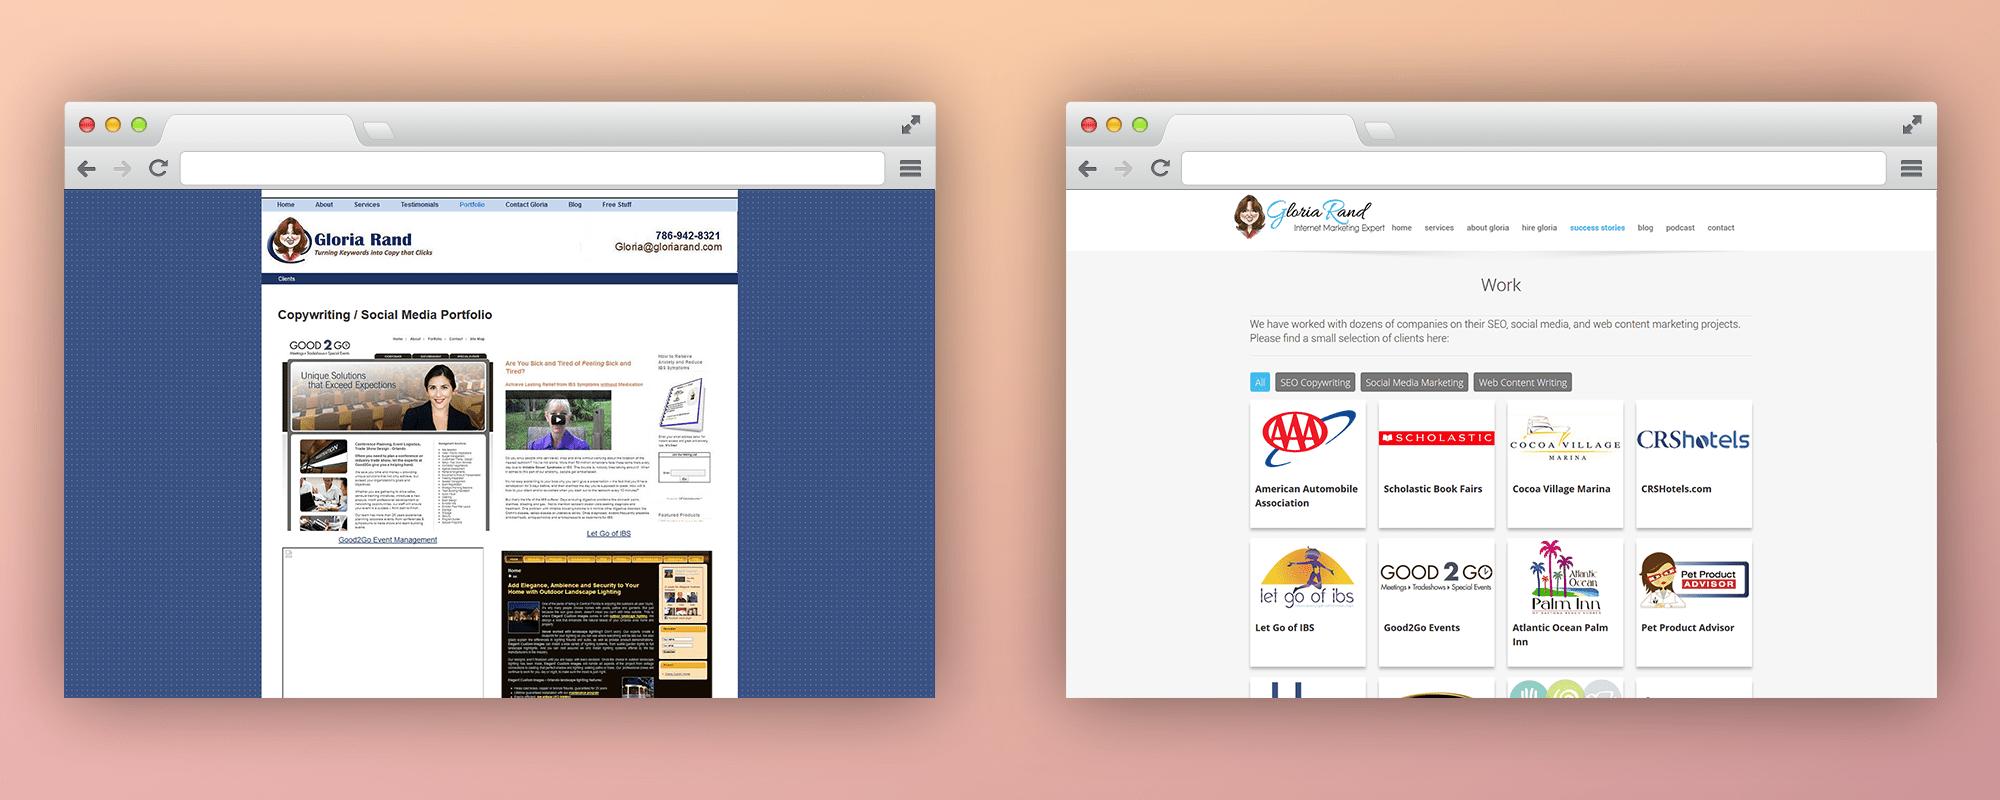 Gloria Rand BA Work-Website-Design